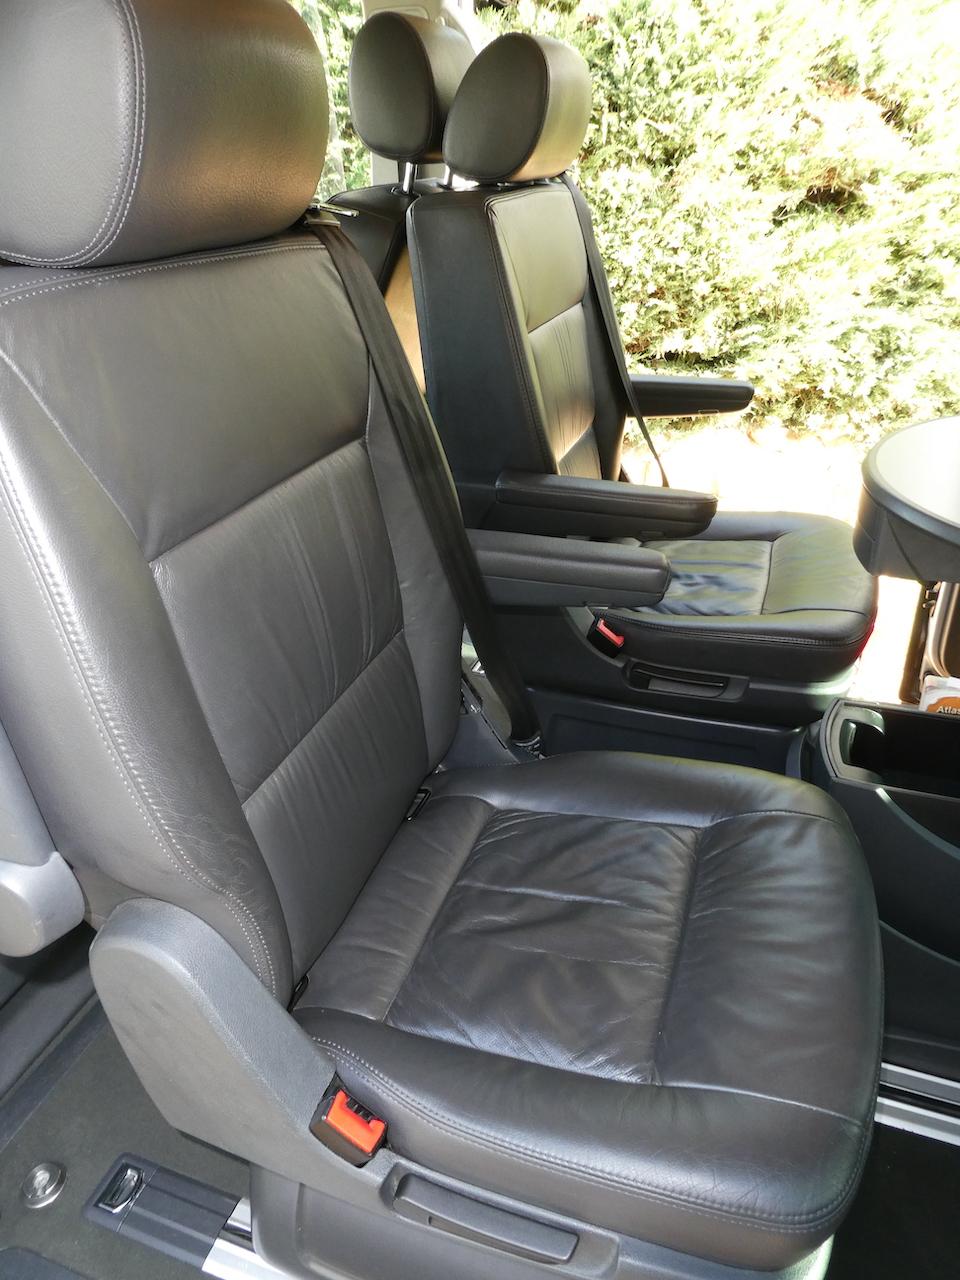 A vendre notre Multivan T5 Highline 174CV boîte auto de 2007 VENDU ! P1000429